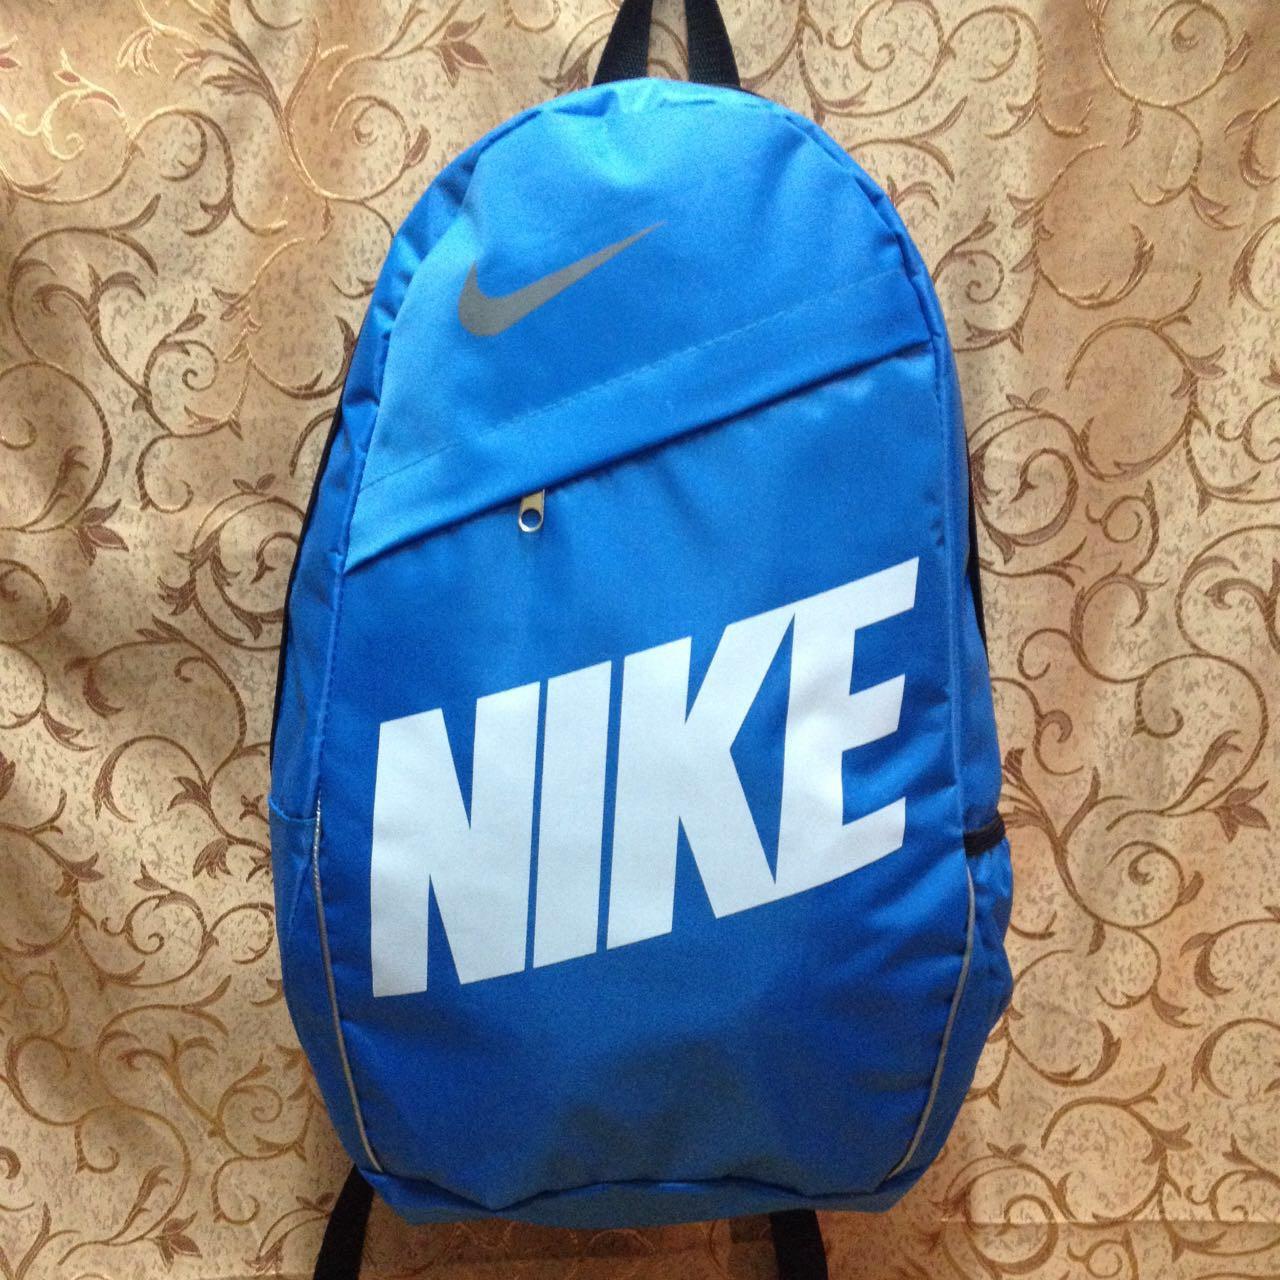 Продажа спорт.рюкзаков харьков фото рюкзаков для девочек в школу